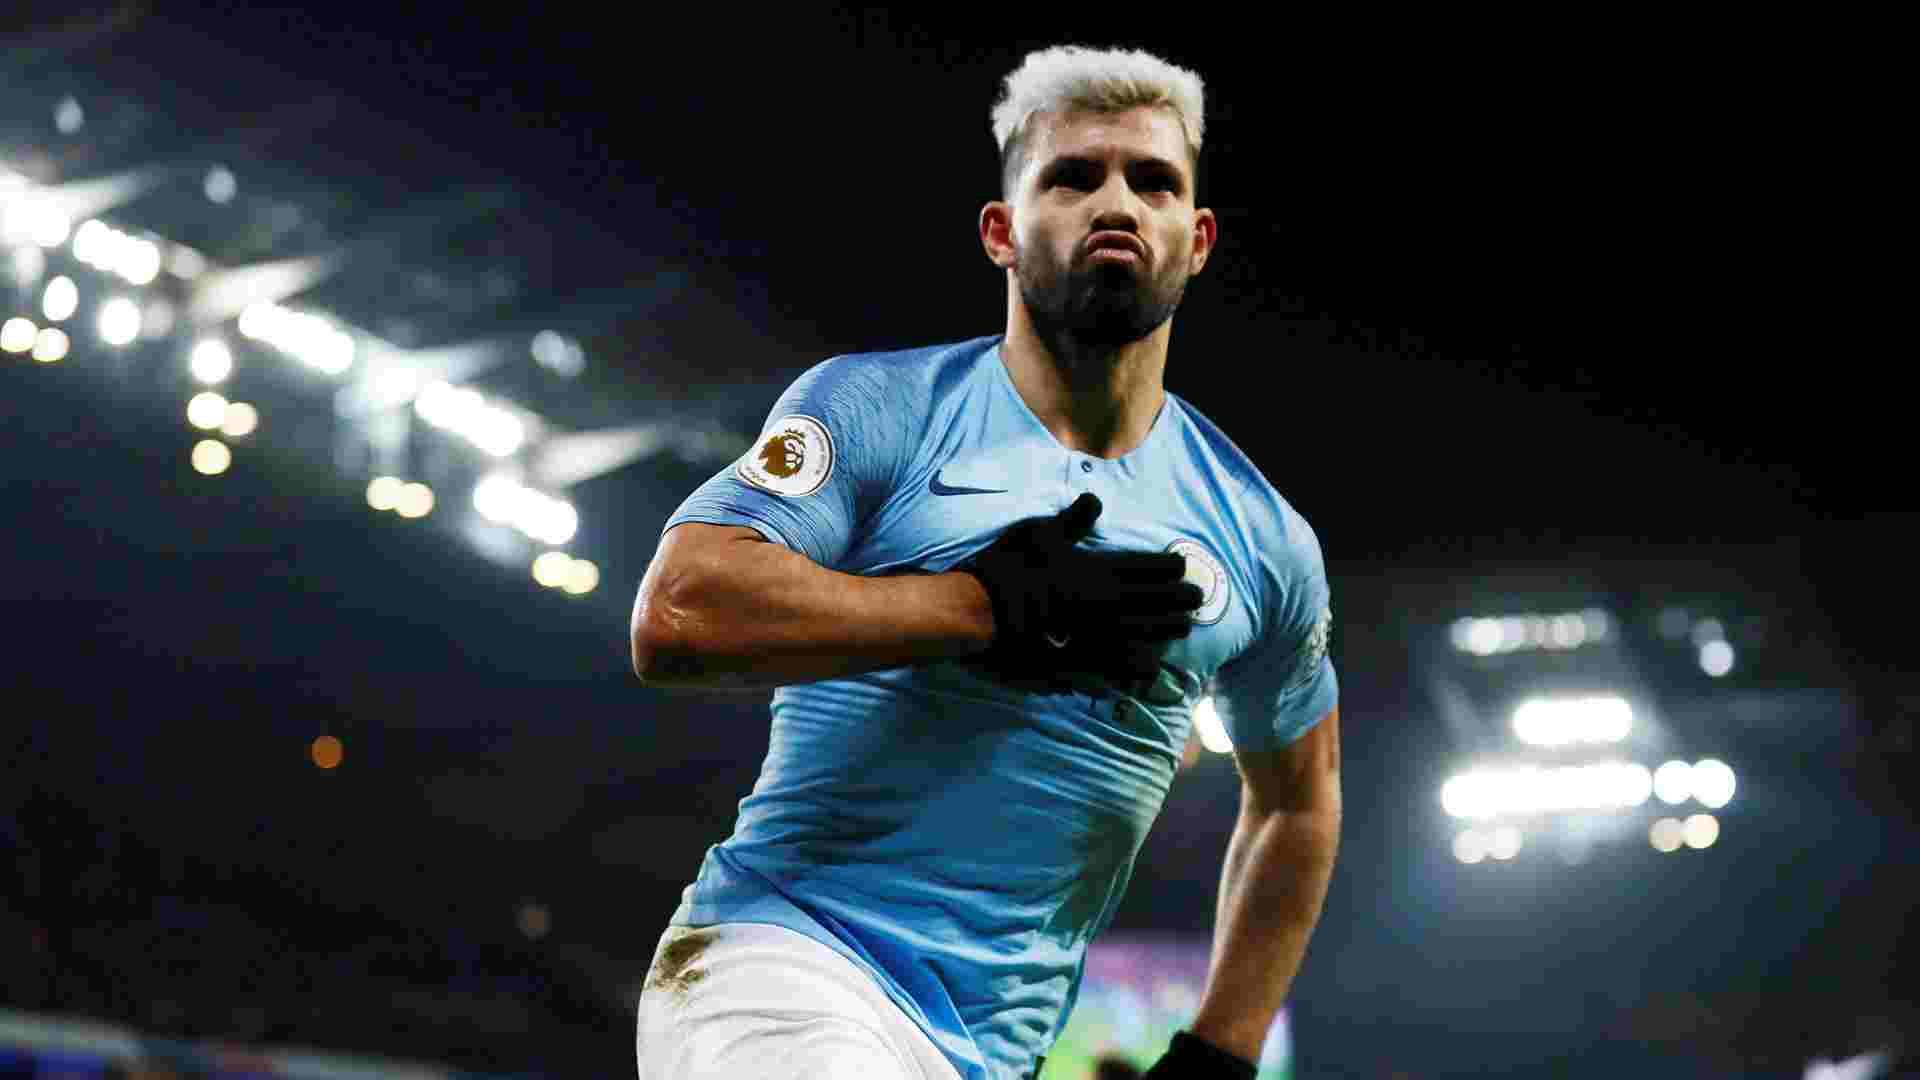 El Kun Agüero recibirá una increíble despedida en el Manchester City -  Todas las noticias de Independiente - Soy Del Rojo